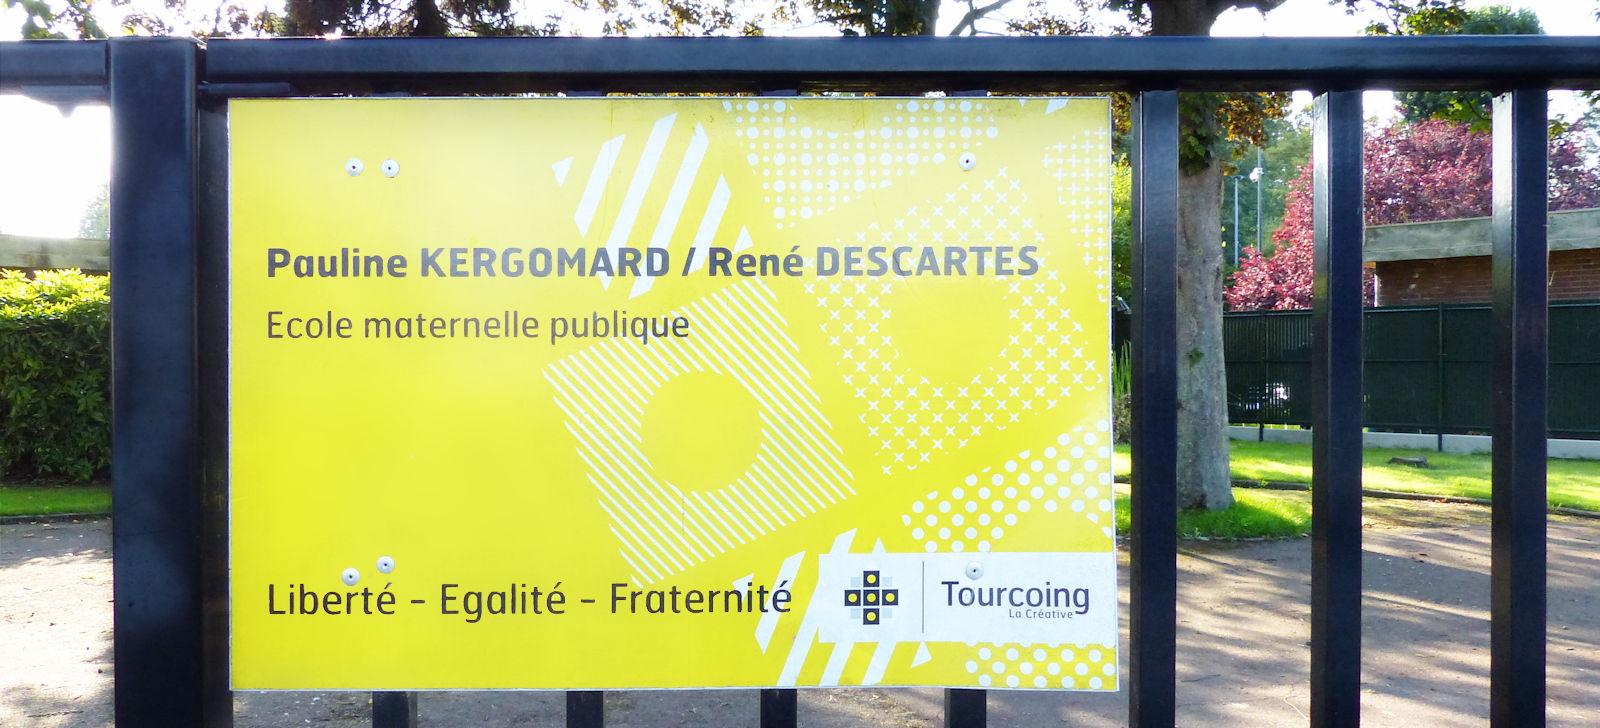 Pauline Kergomard, René Descartes - Ecole maternelle publique